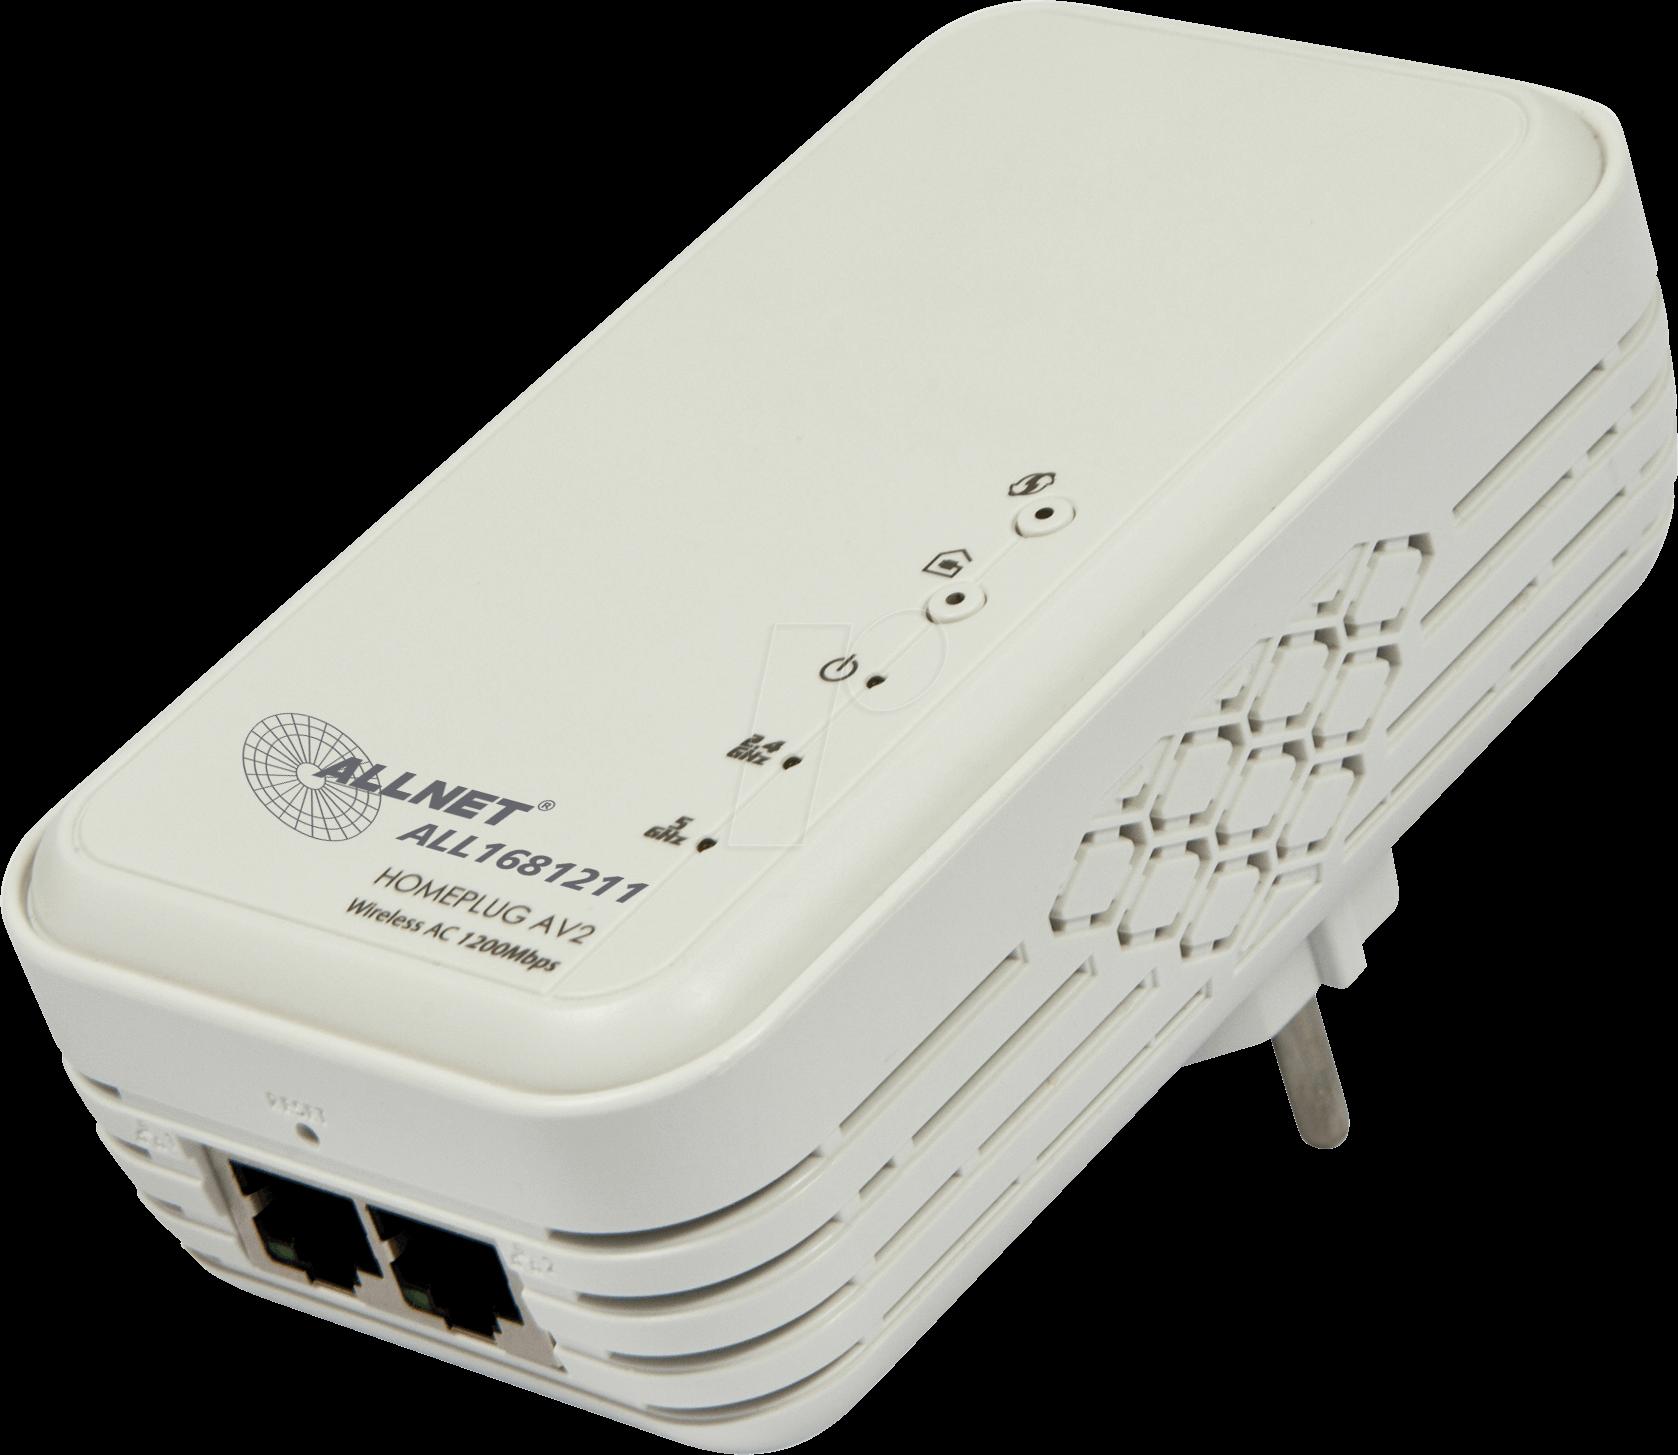 ALLNET 1681211 - ALLNET 1200 MBit/s adapter (1 unit)